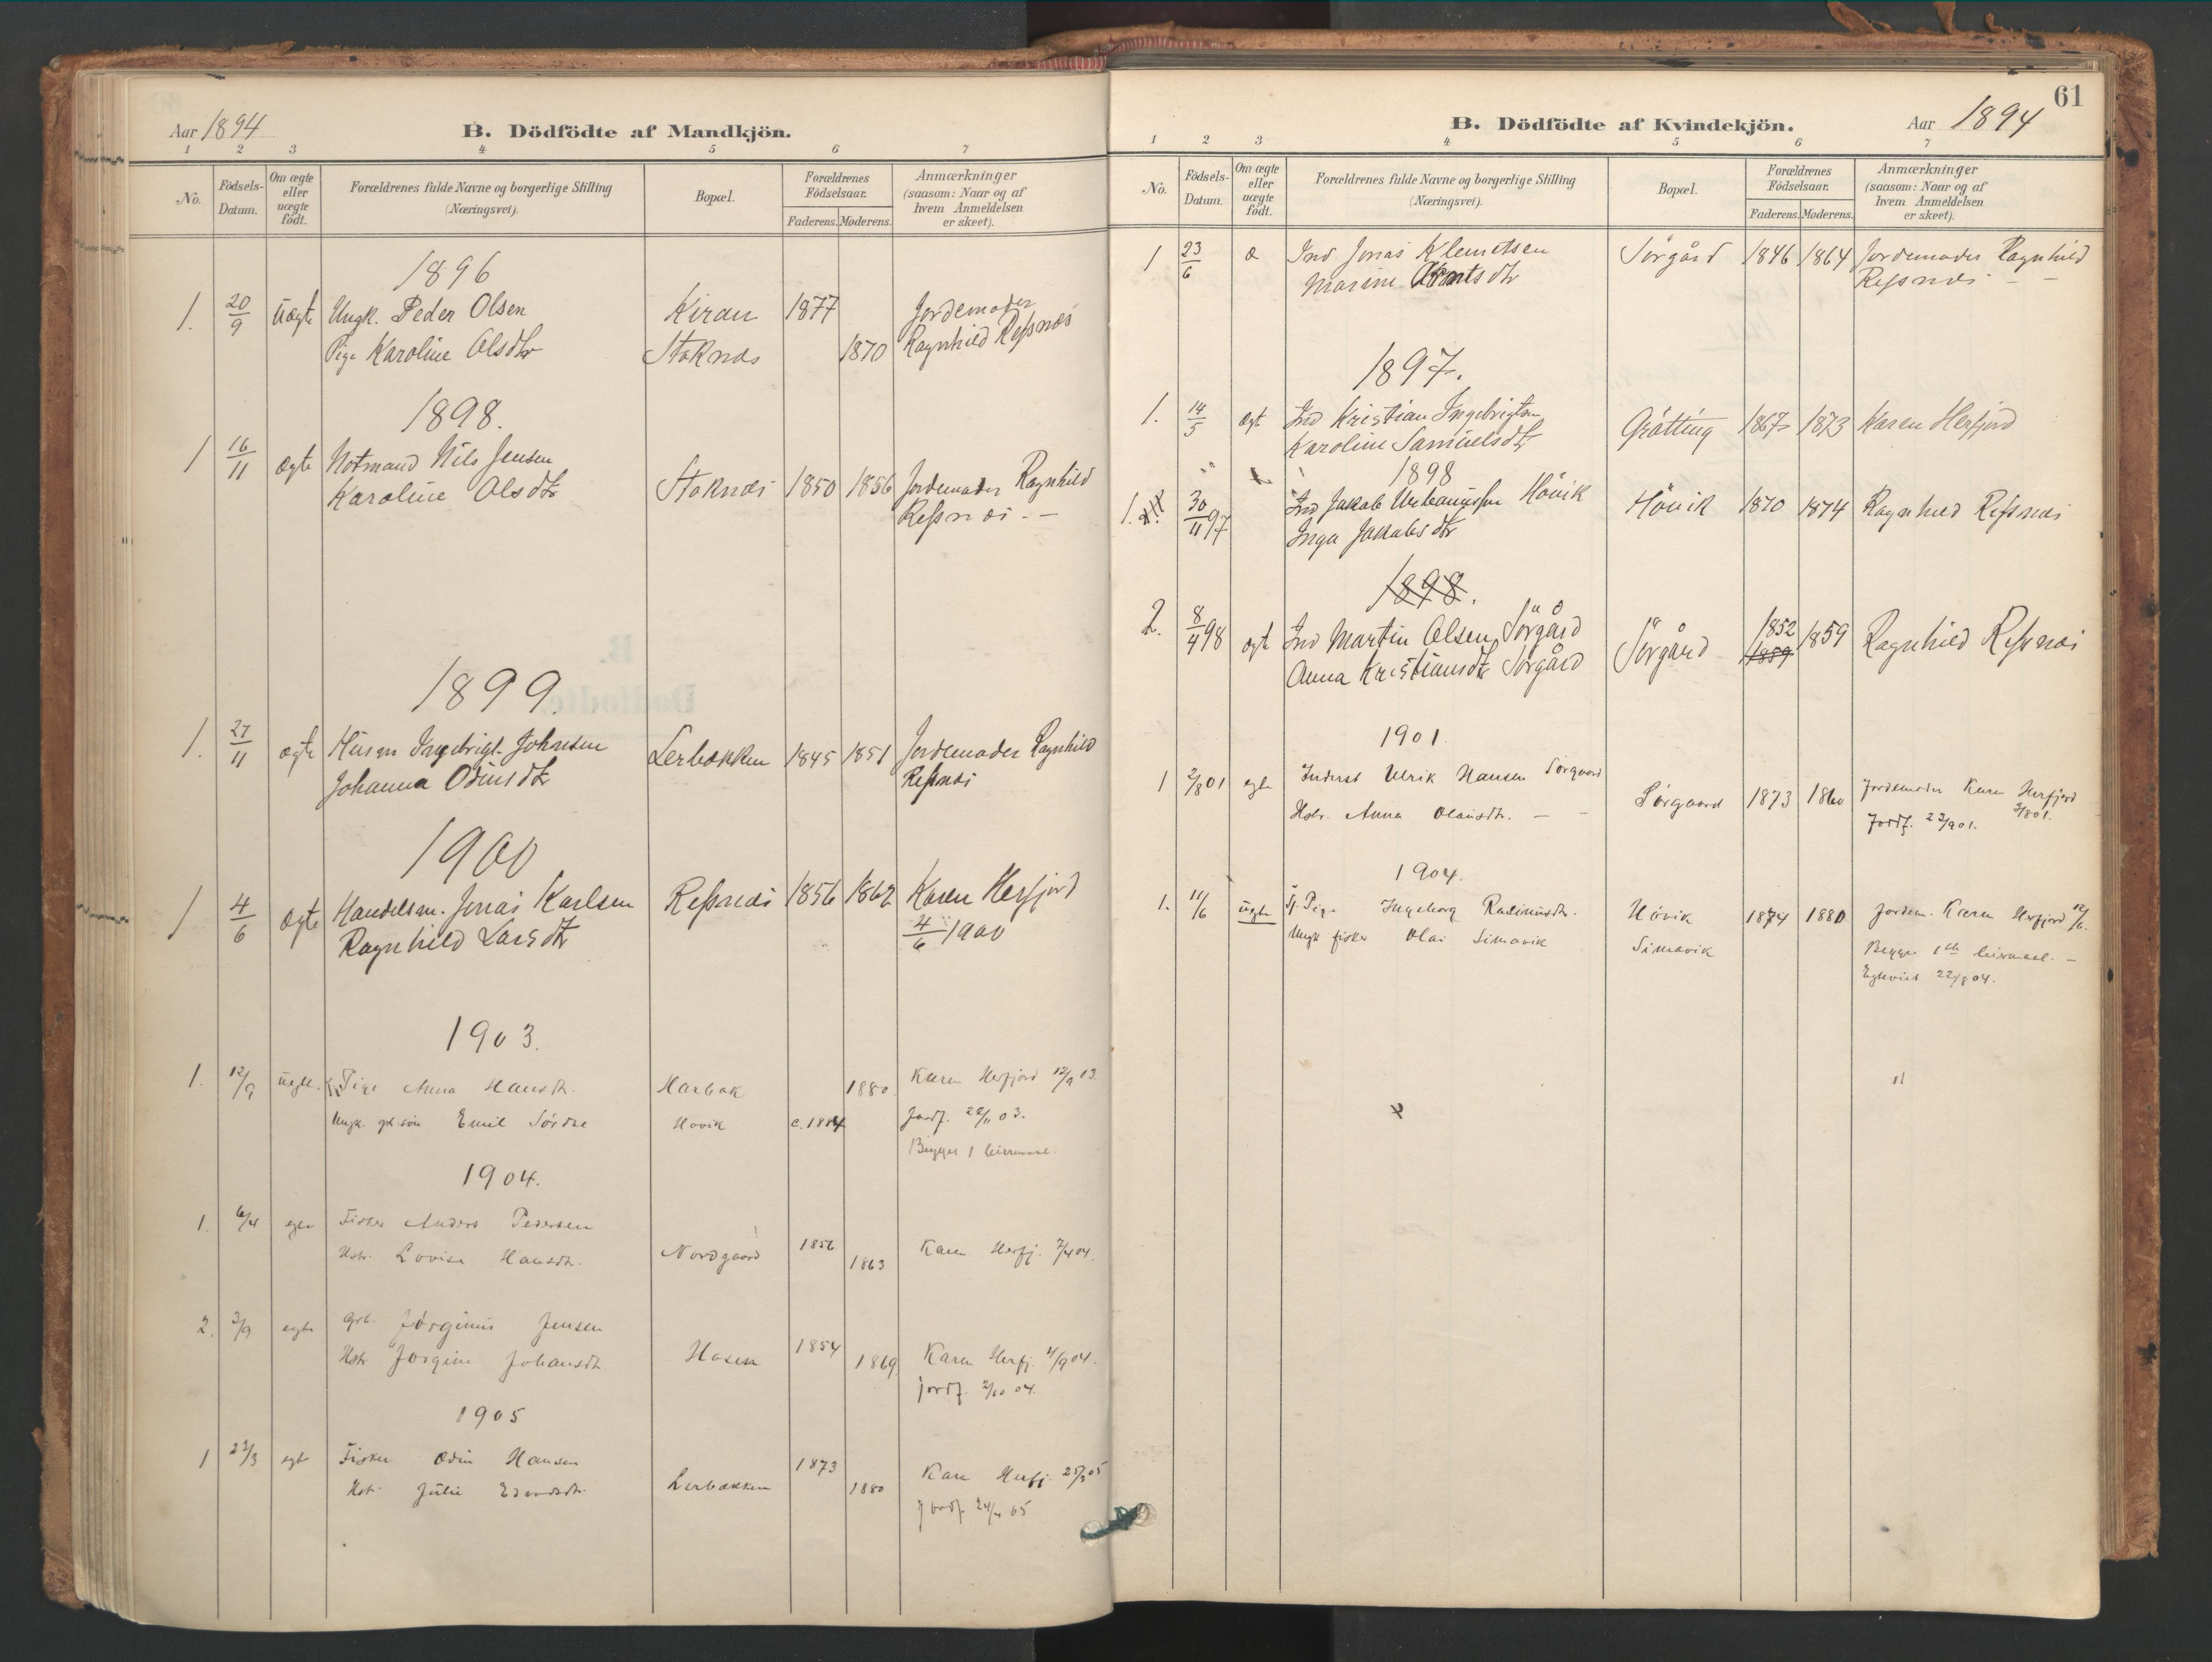 SAT, Ministerialprotokoller, klokkerbøker og fødselsregistre - Sør-Trøndelag, 656/L0693: Ministerialbok nr. 656A02, 1894-1913, s. 61